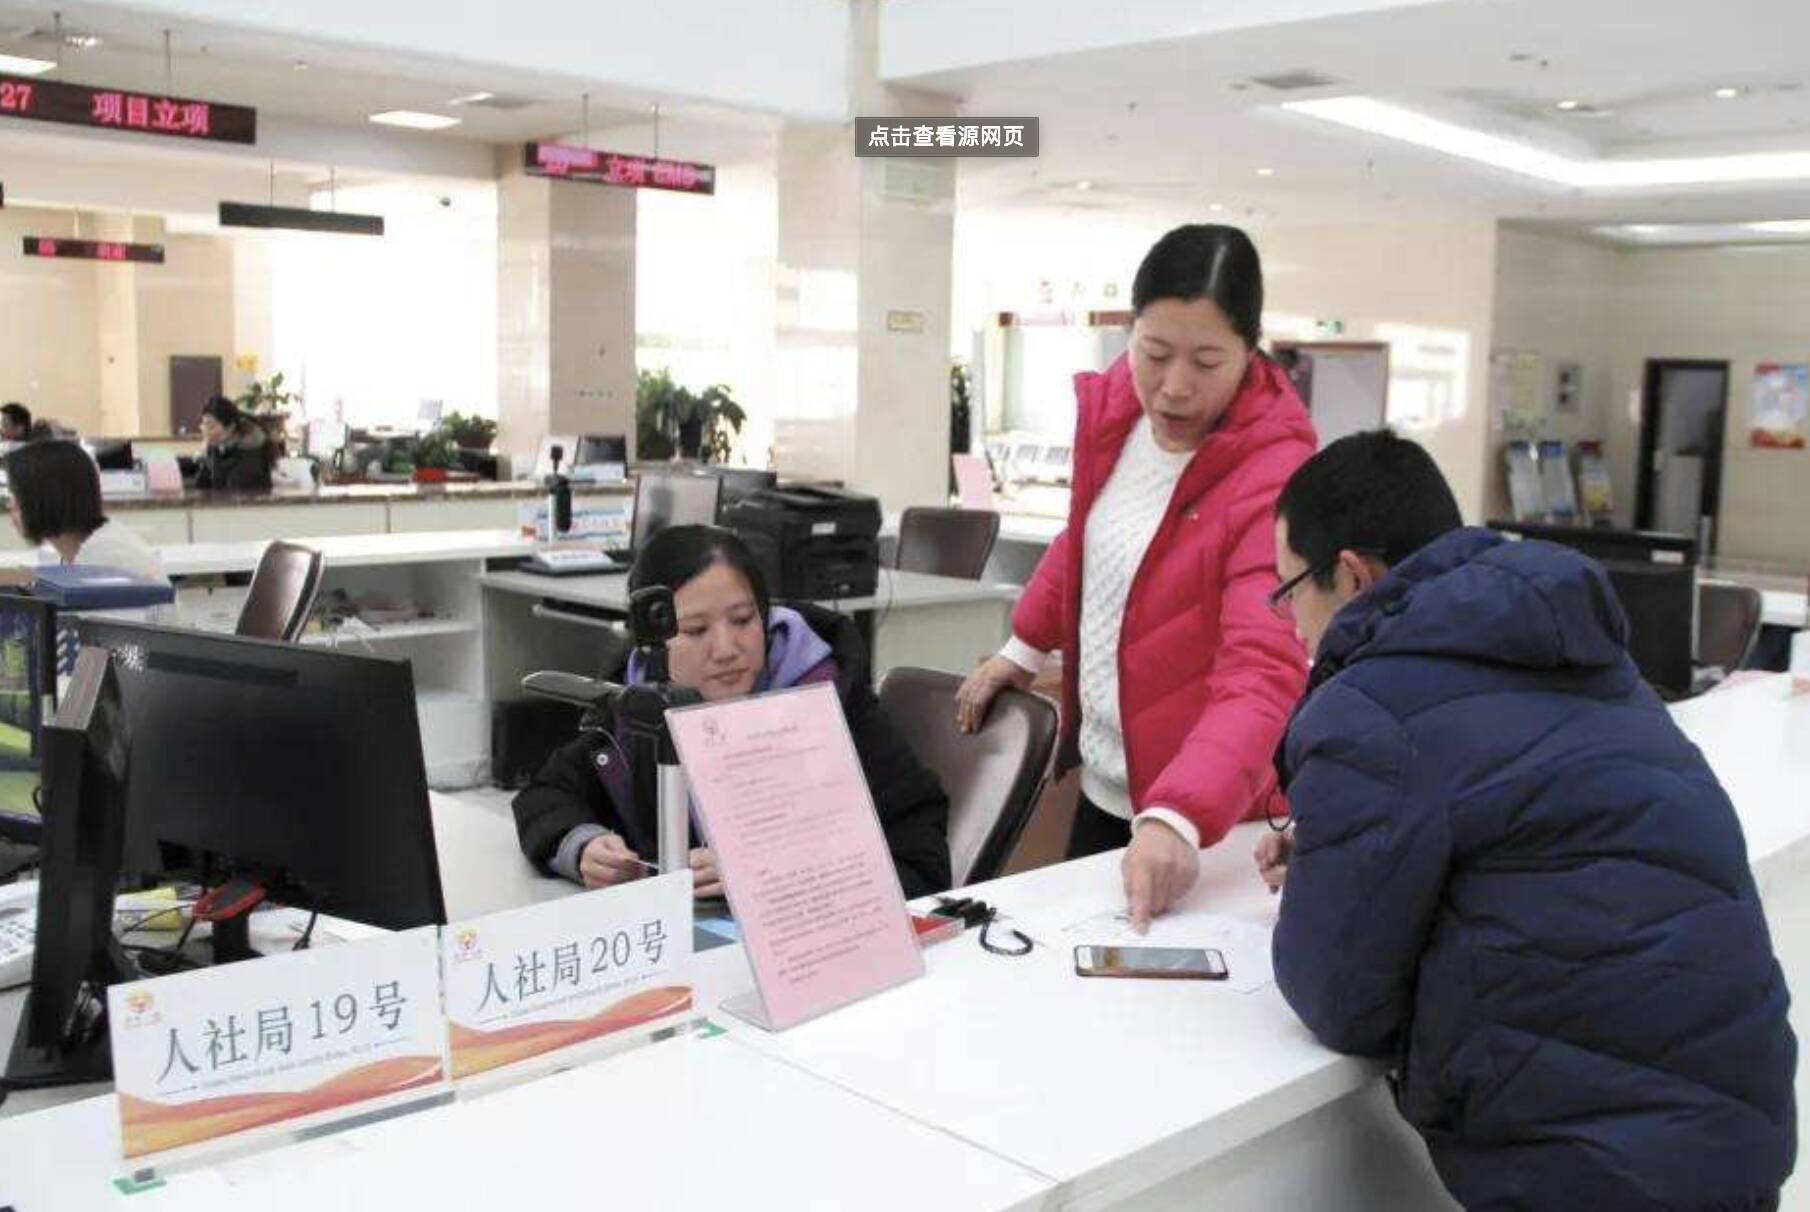 山东:政务服务事项可网办率达93%,较去年底提升11.4个百分点